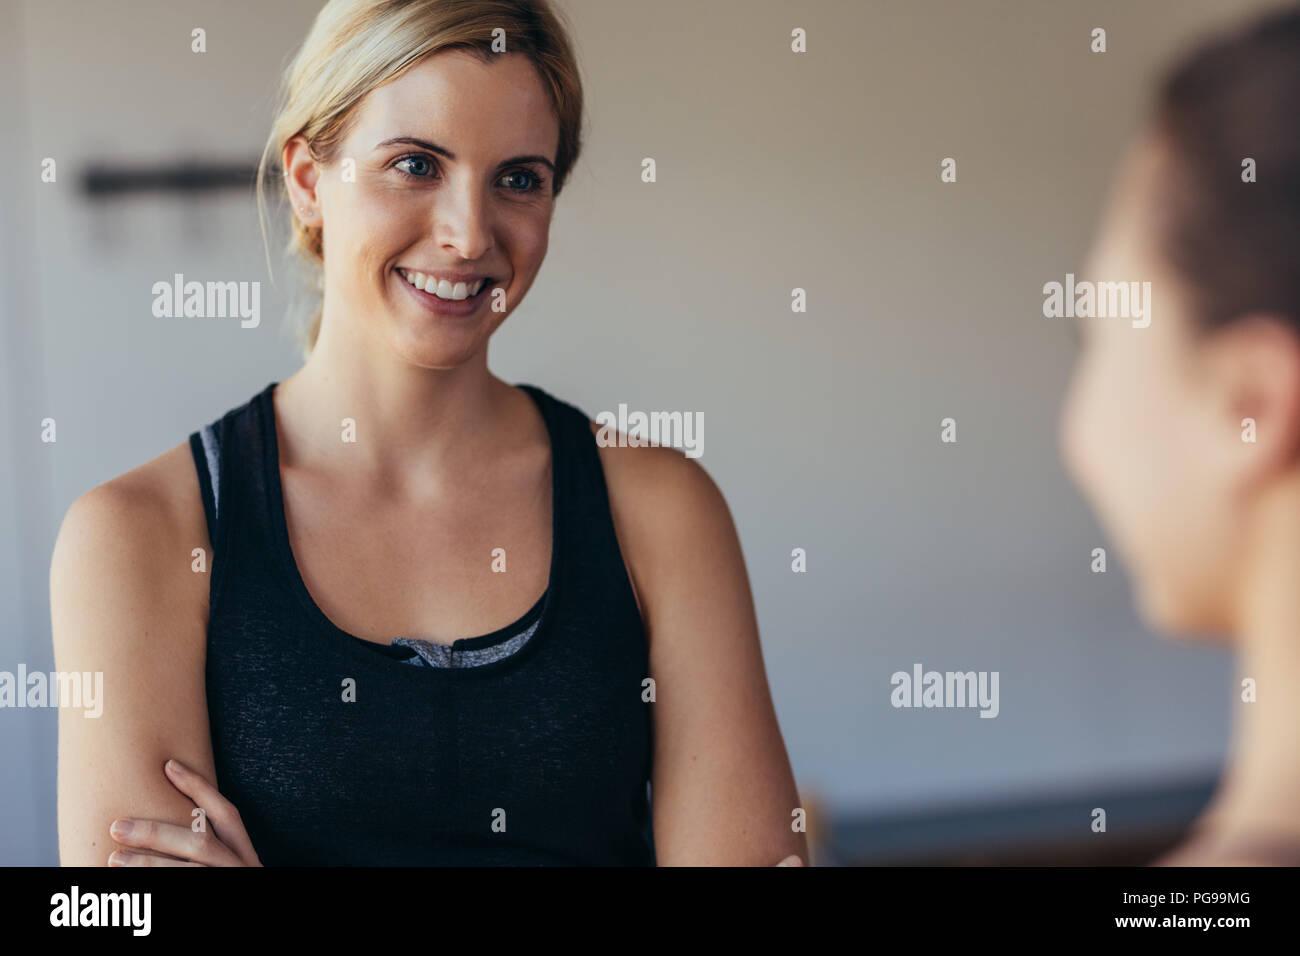 Mujer sonriente en fitness wear en un gimnasio de entrenamiento Pilates. Mujer hablando con un amigo en el gimnasio. Imagen De Stock